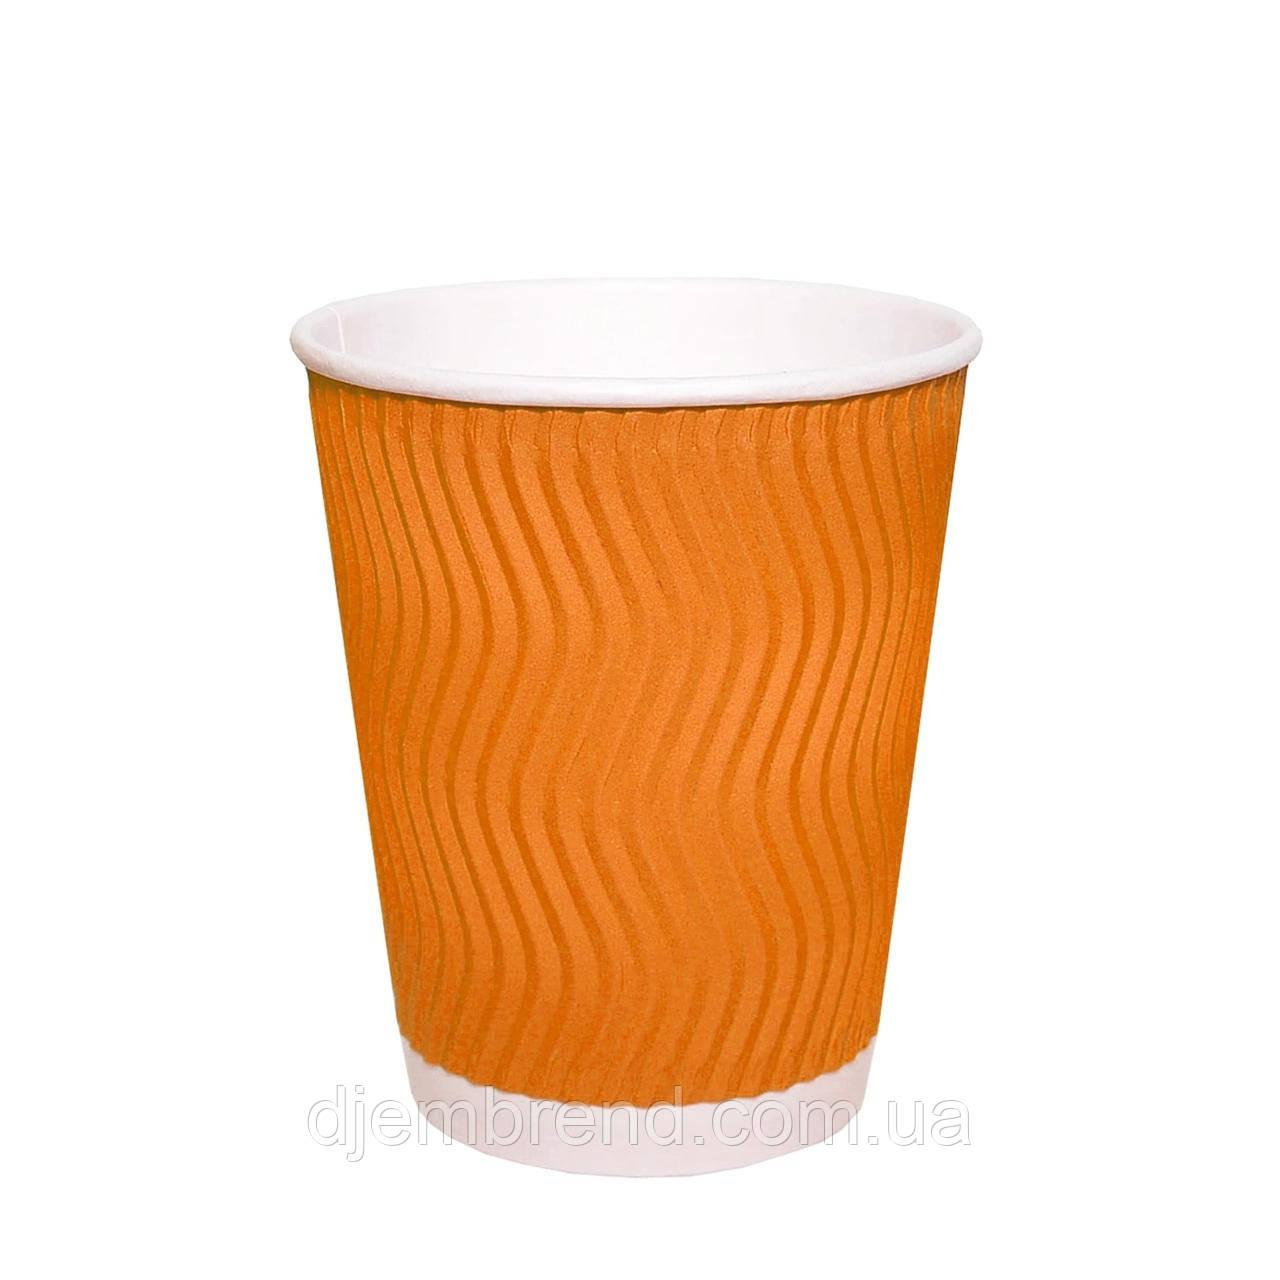 Стакан бумажный гофрированный Оранжевый волна 450 мл 20шт/уп 90 КР